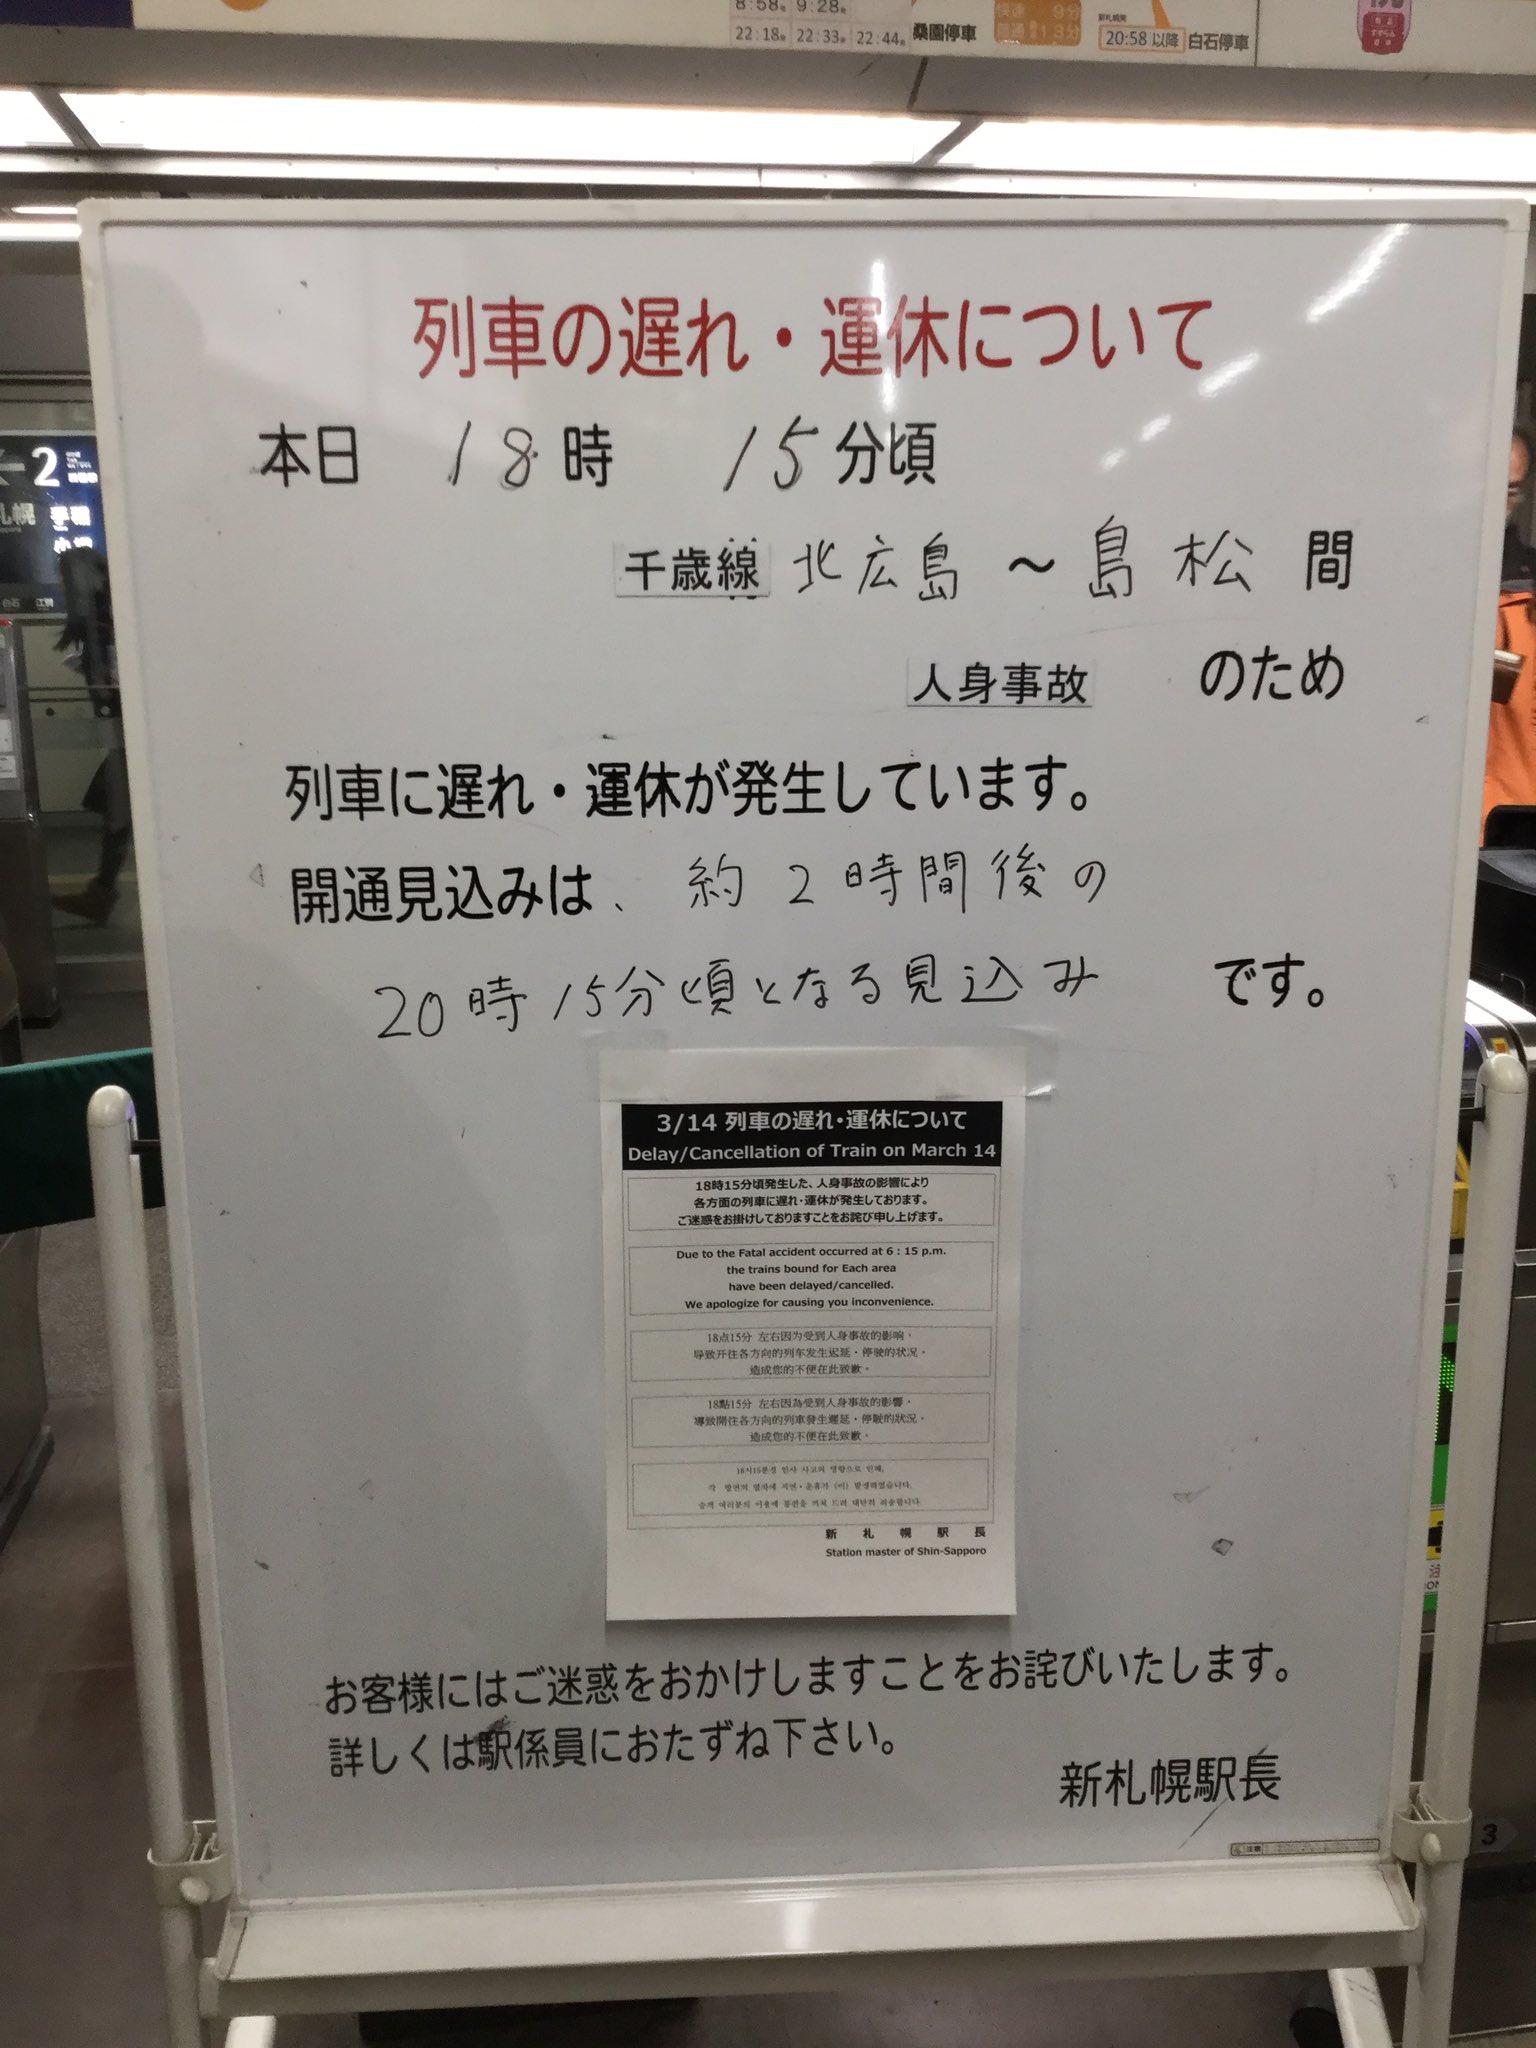 画像,もうちょい早く来てればよかったまじか札幌方面も千歳方面も運転見合わせだってさ https://t.co/mpMGt0ROzX…